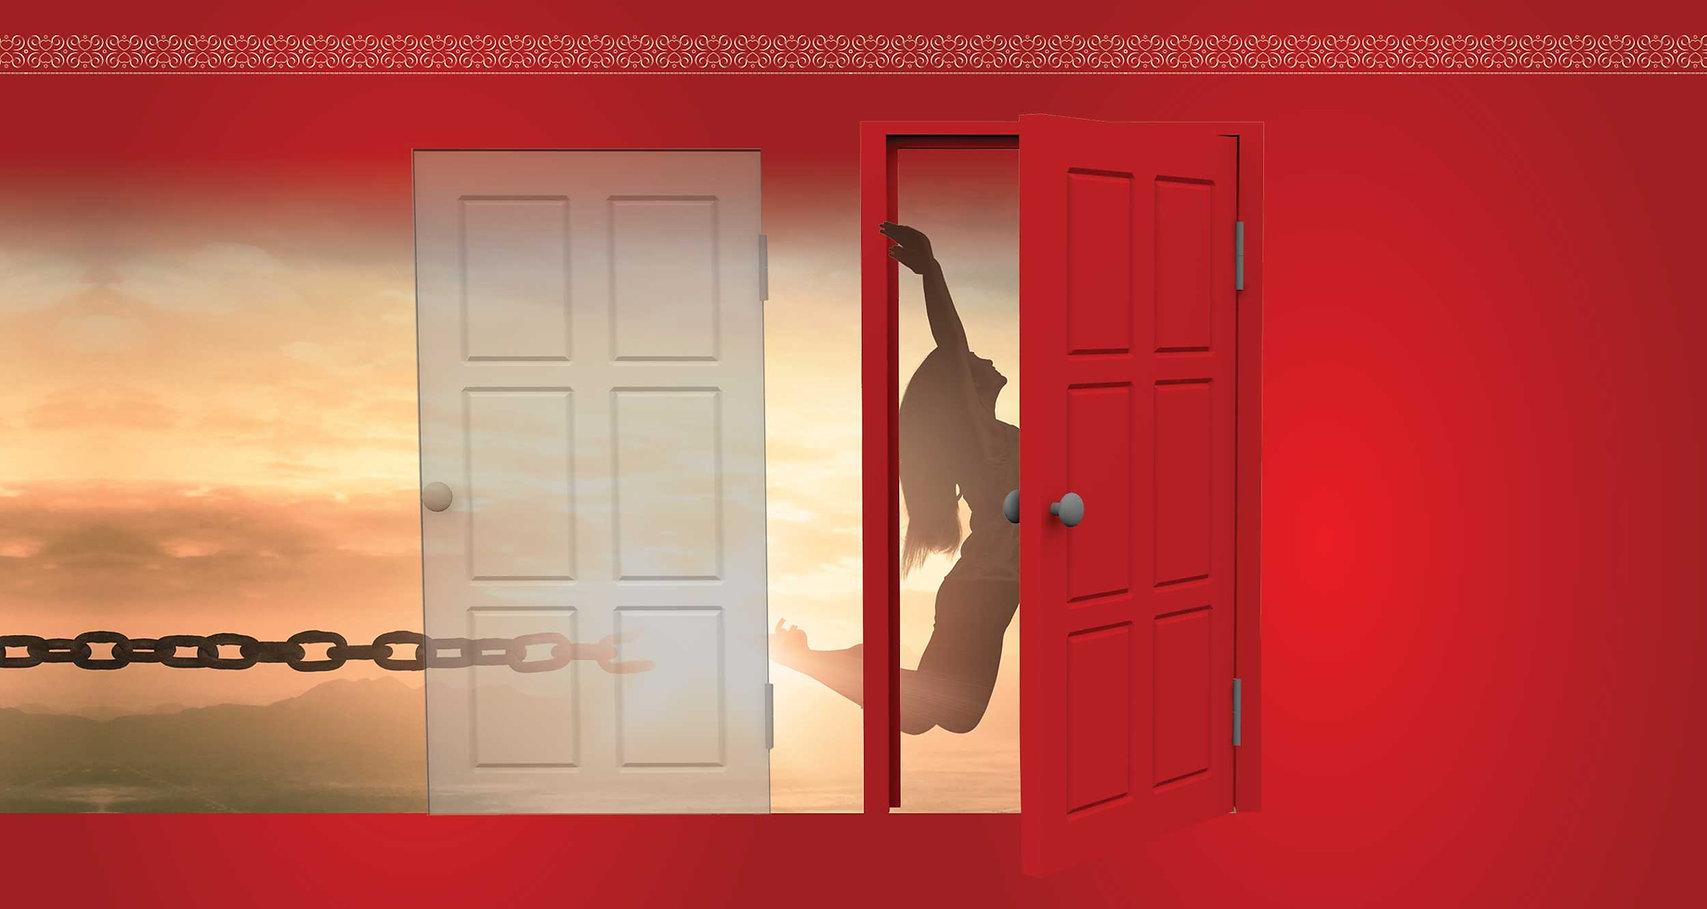 middle_doors_red.jpg